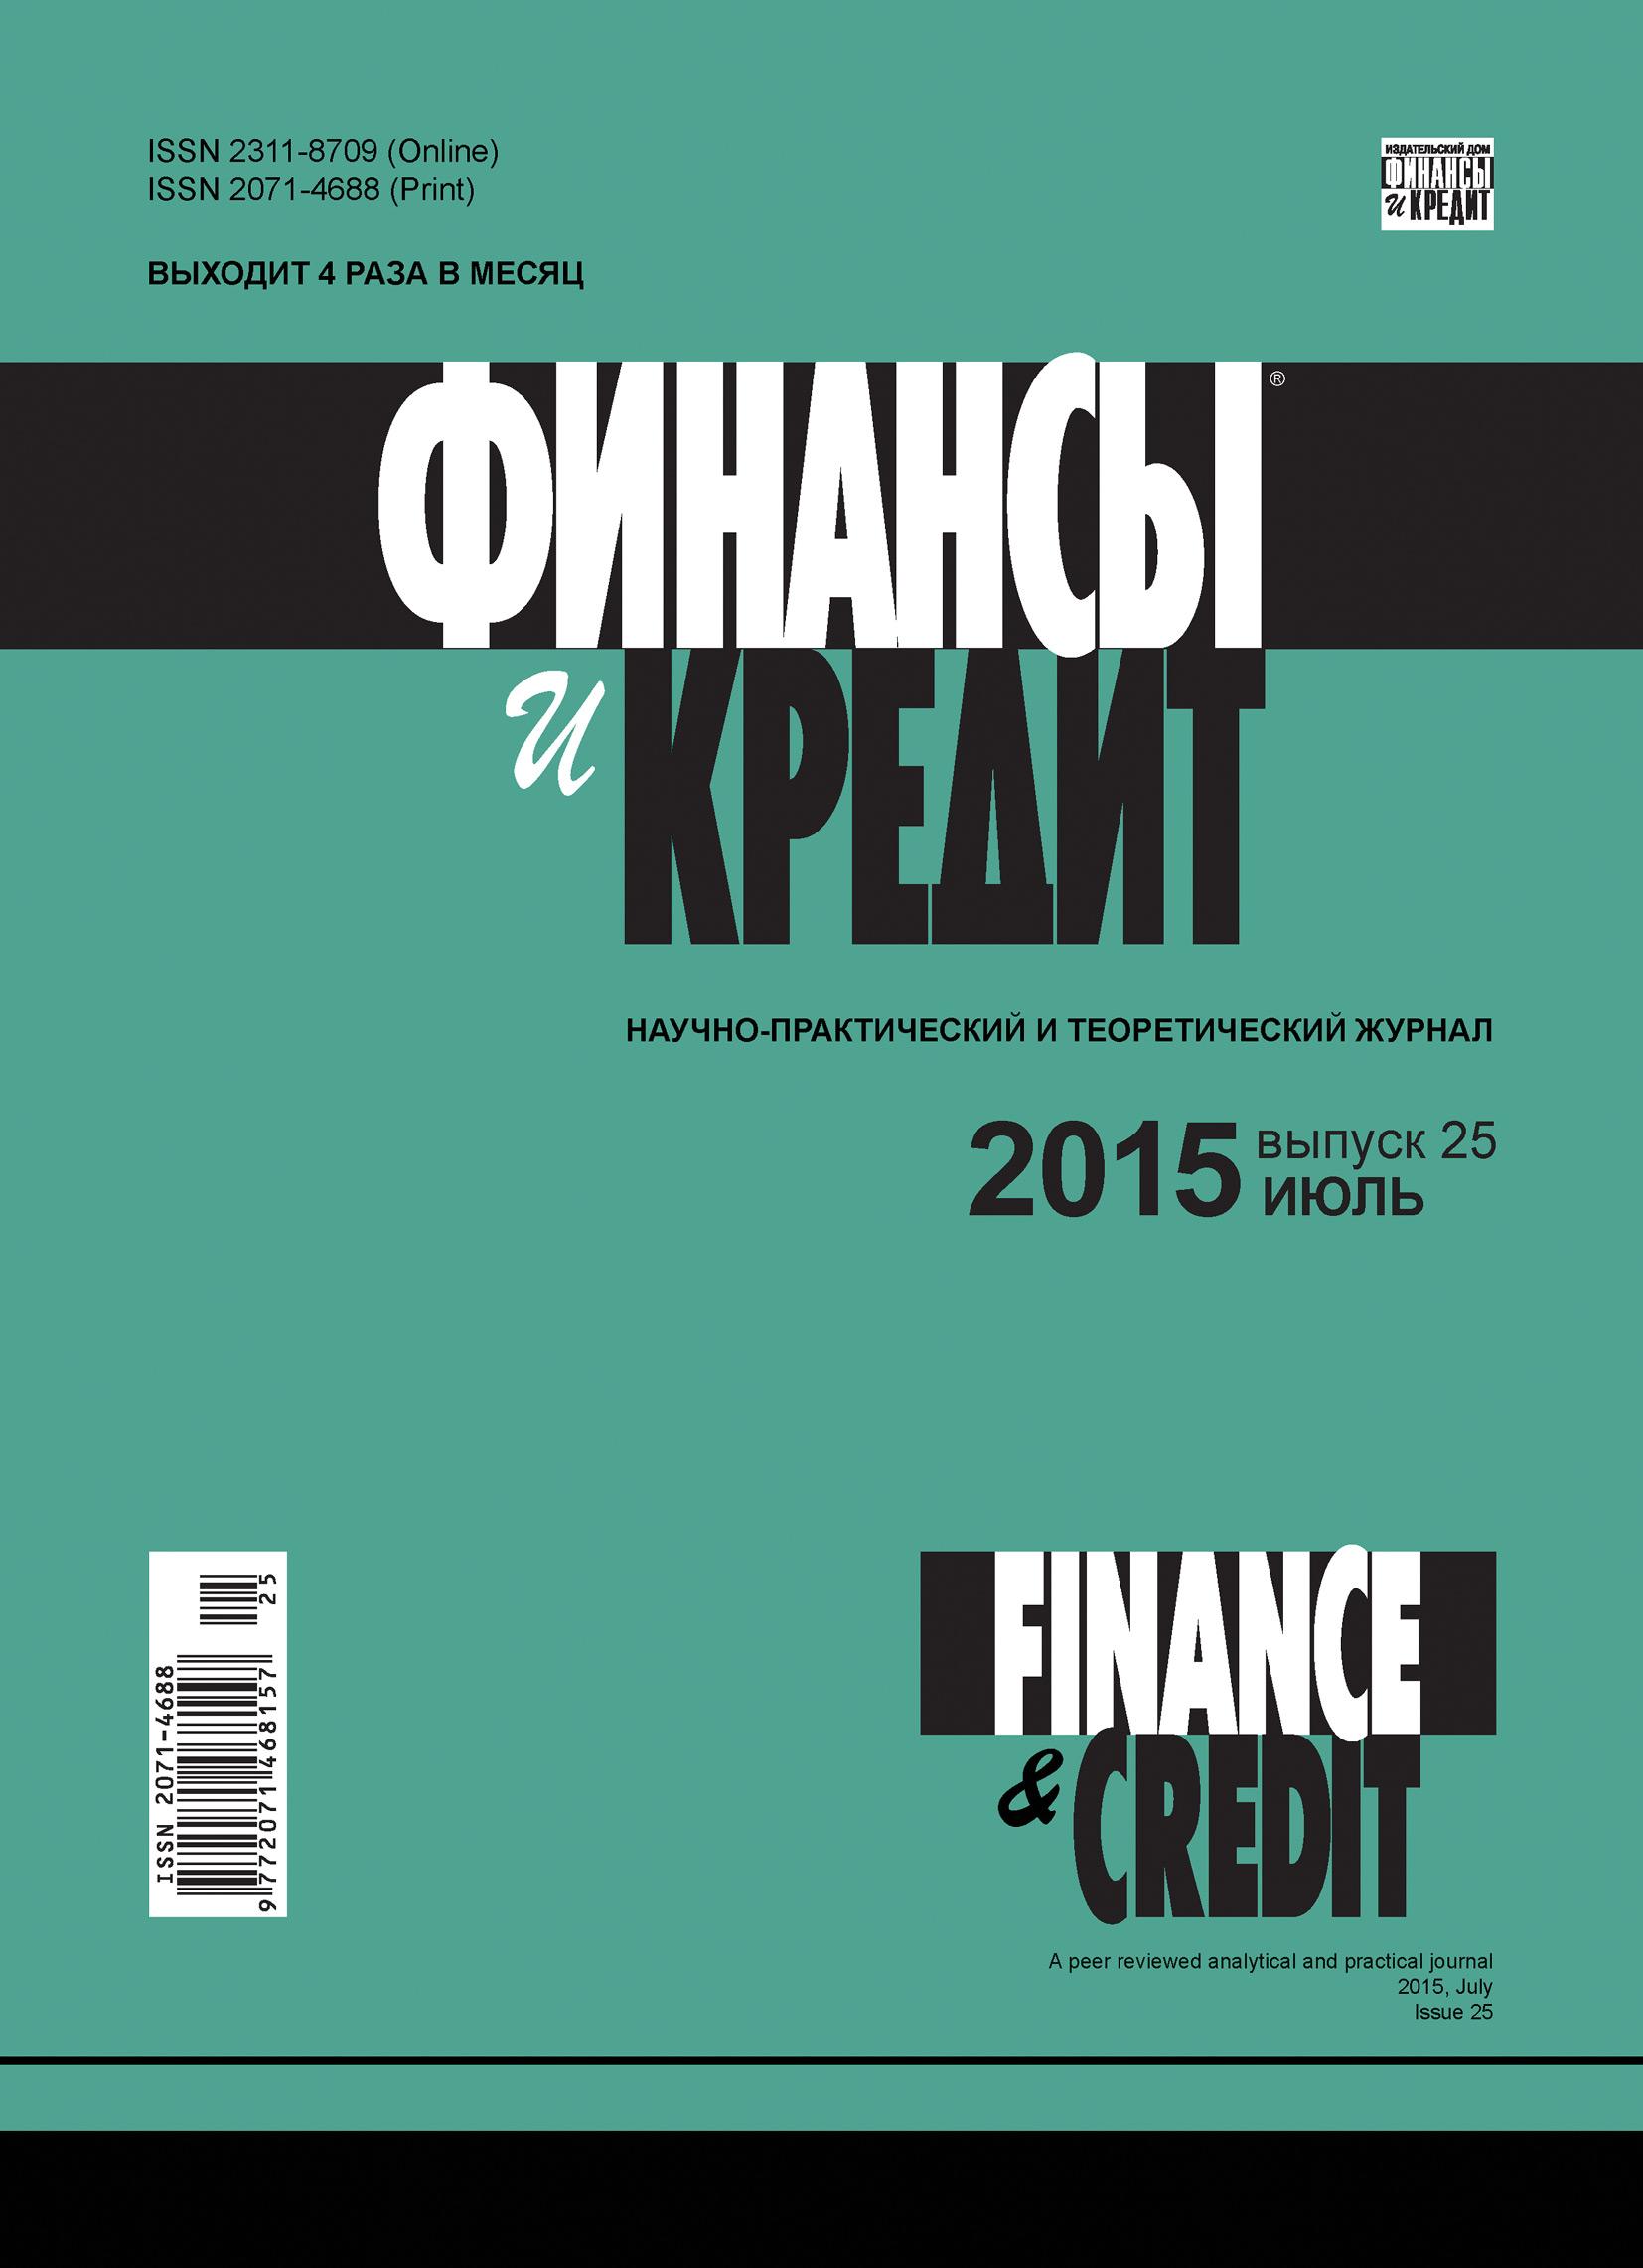 Финансы и Кредит № 25 (649) 2015